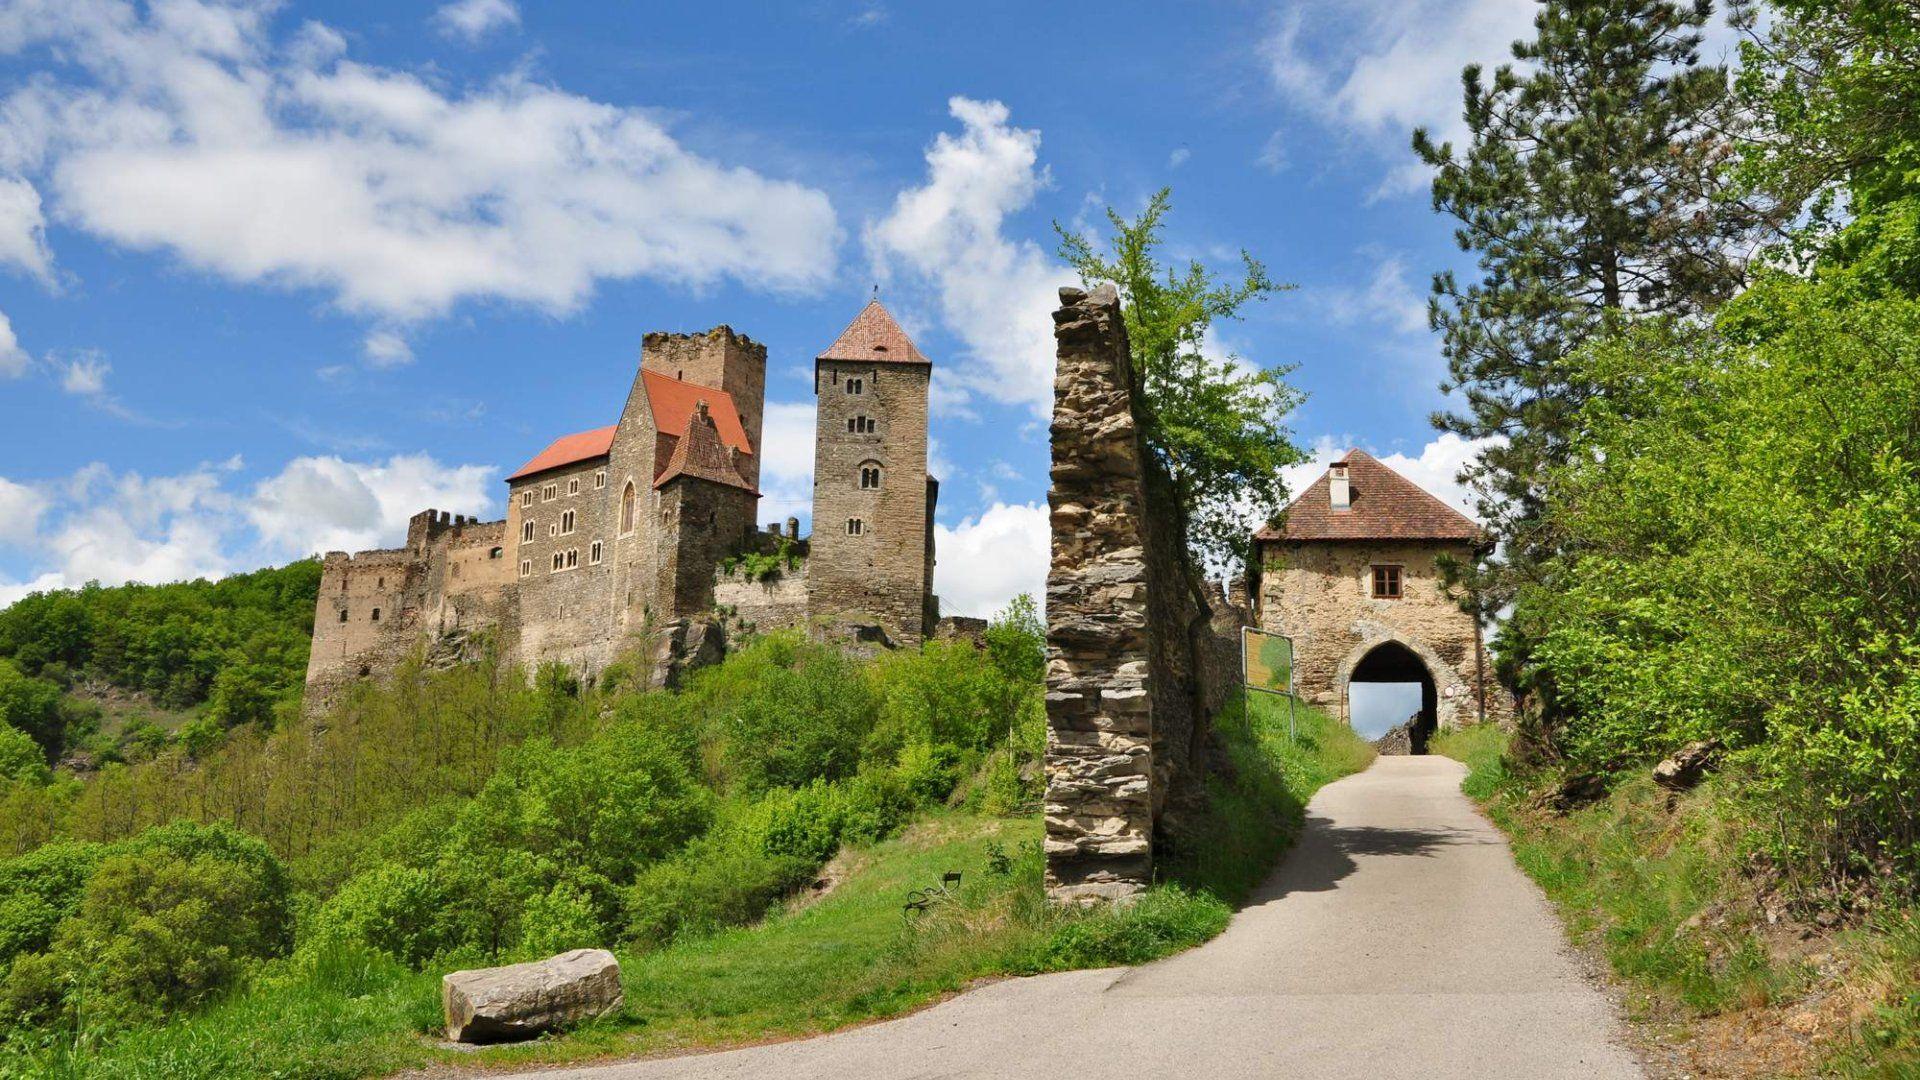 Hardegg v Rakousku – Výlet na hrad i vyhlídku